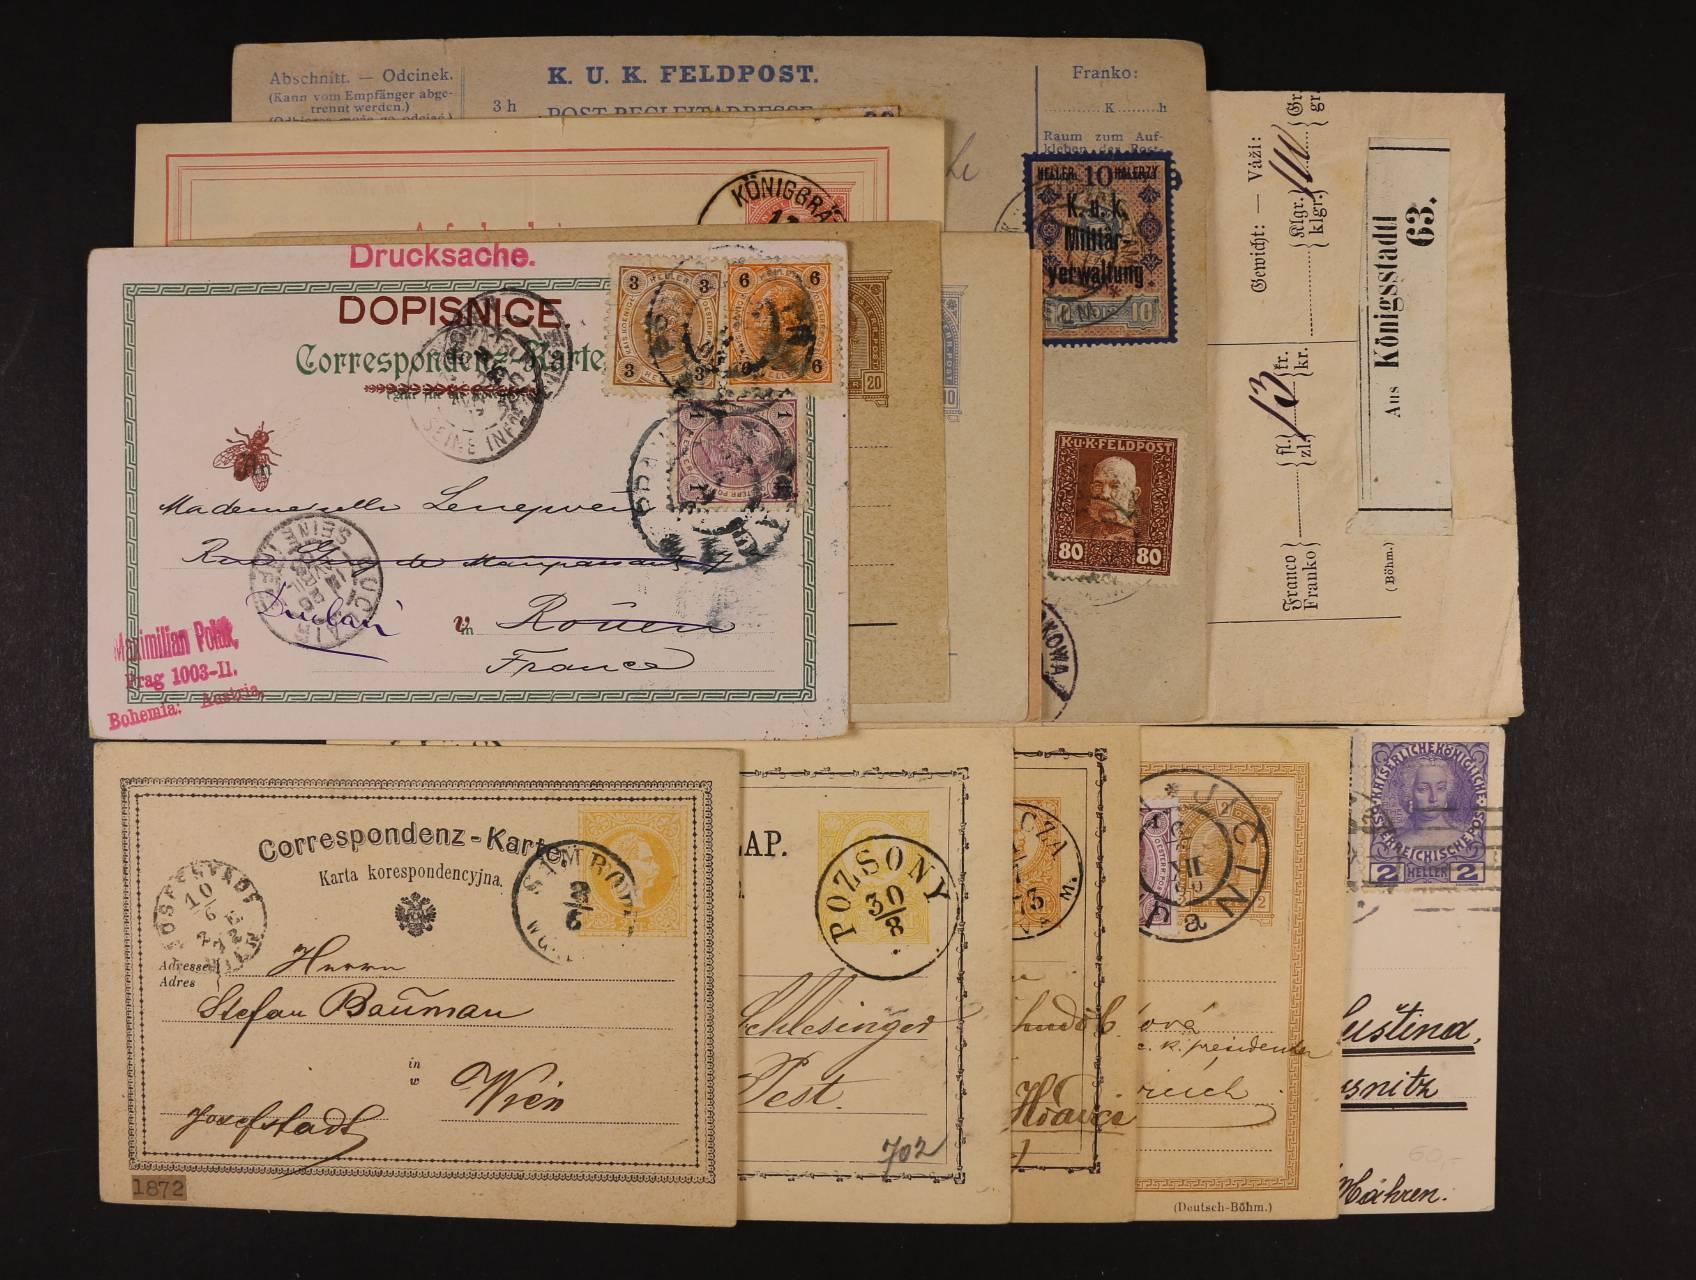 sestava 16 ks celin a celistvostí, formulářů z let 1872 - 1917, použitých i nepoužitých, mj. smíš. frankatura kr. hal., zajímavé